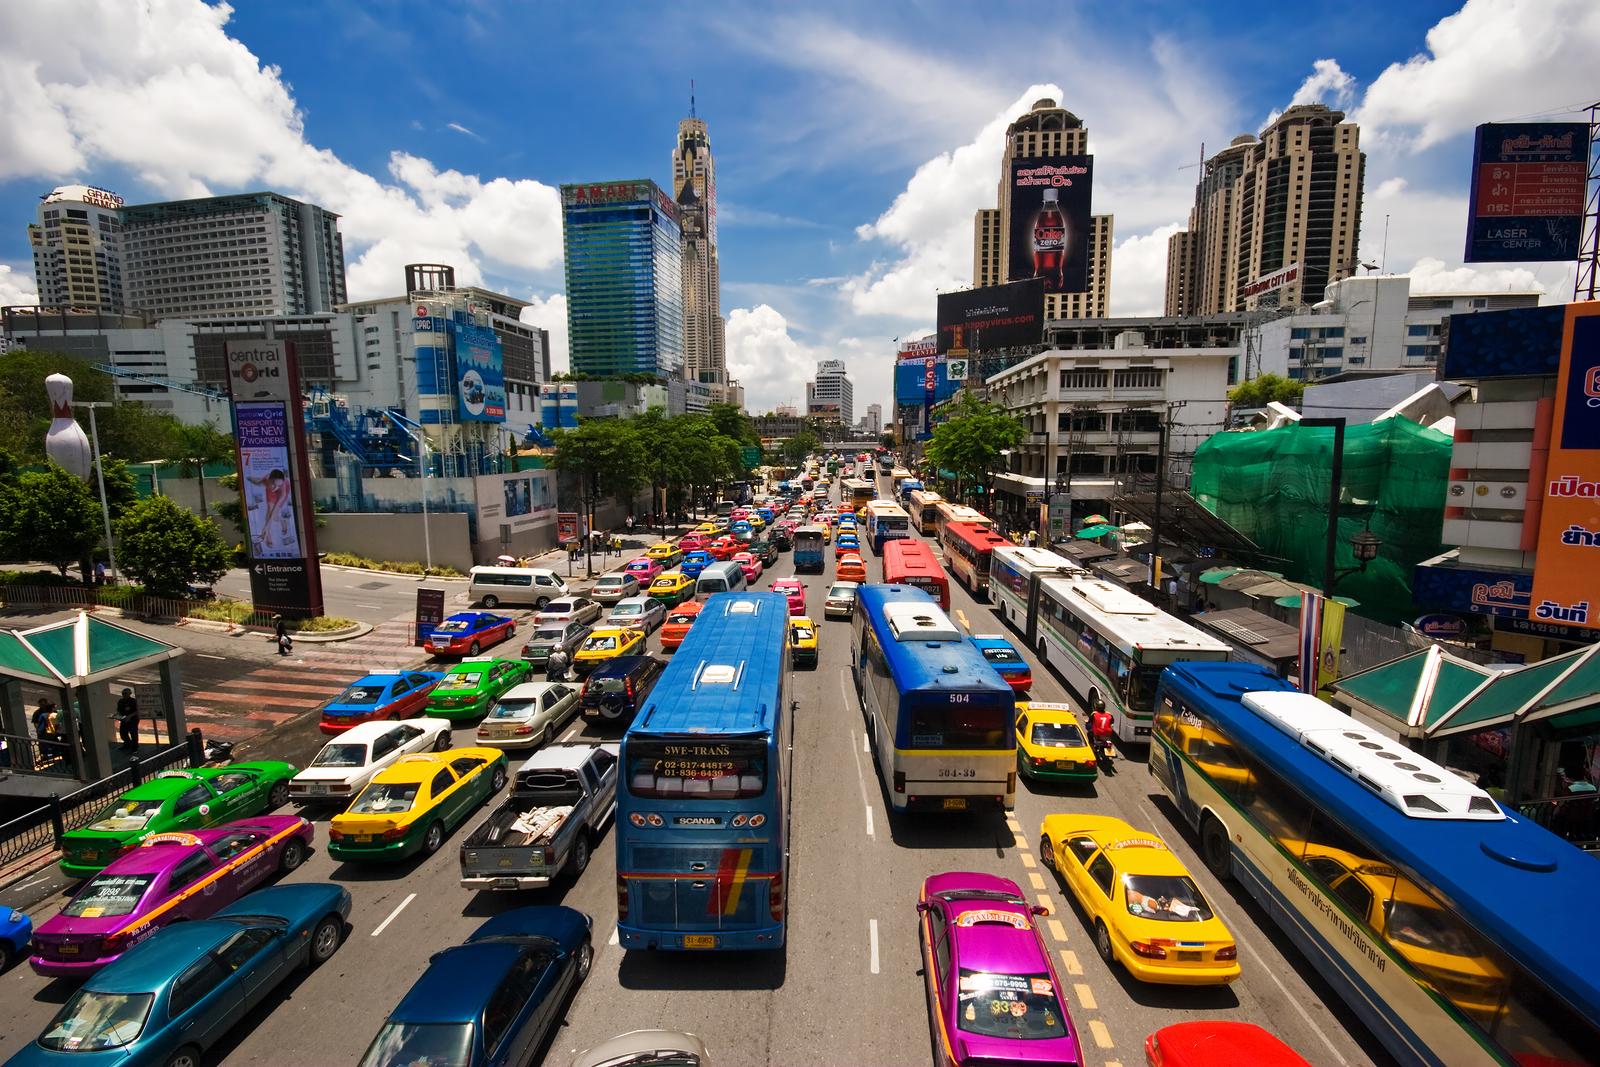 Thiên đường mua sắm hàng xách tay Thái Lan